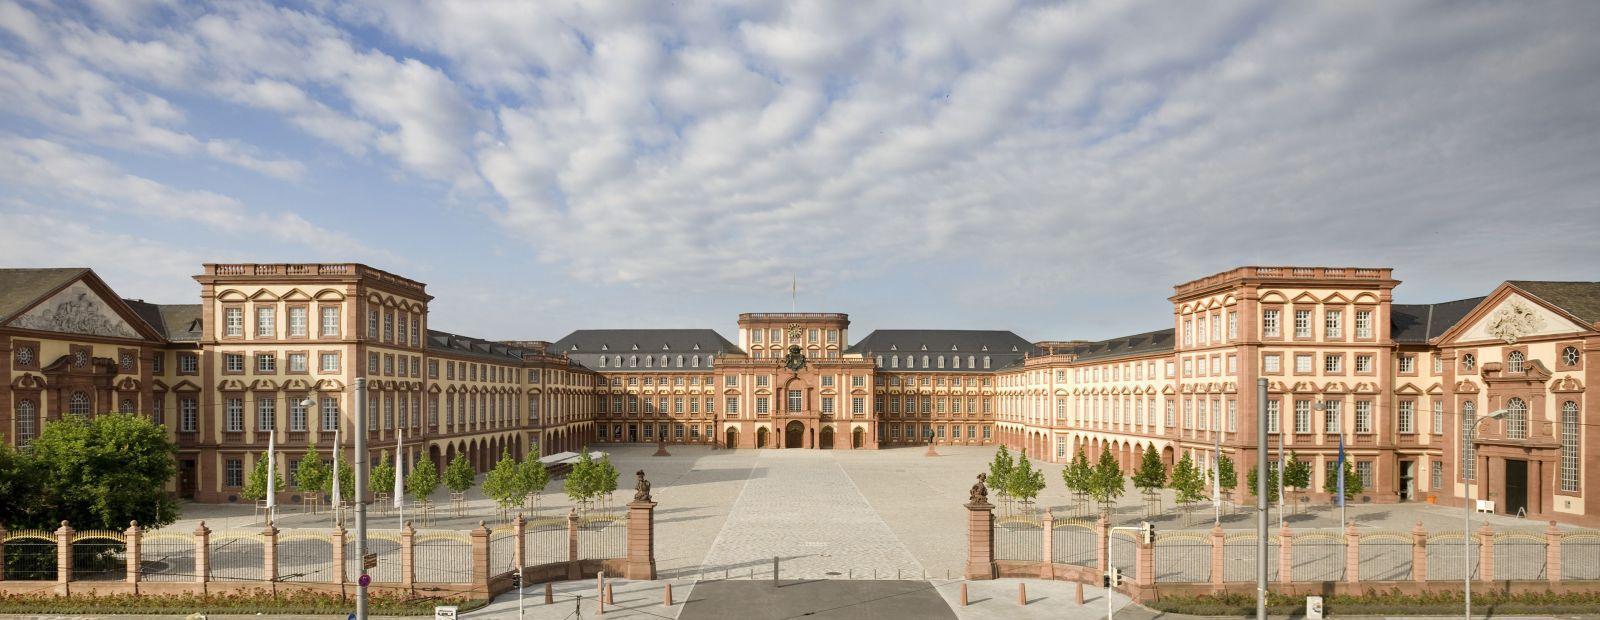 Schloss Mannheim (c) Staatliche Schlösser und Gärten Baden-Württemberg, Foto: Christoph Hermann